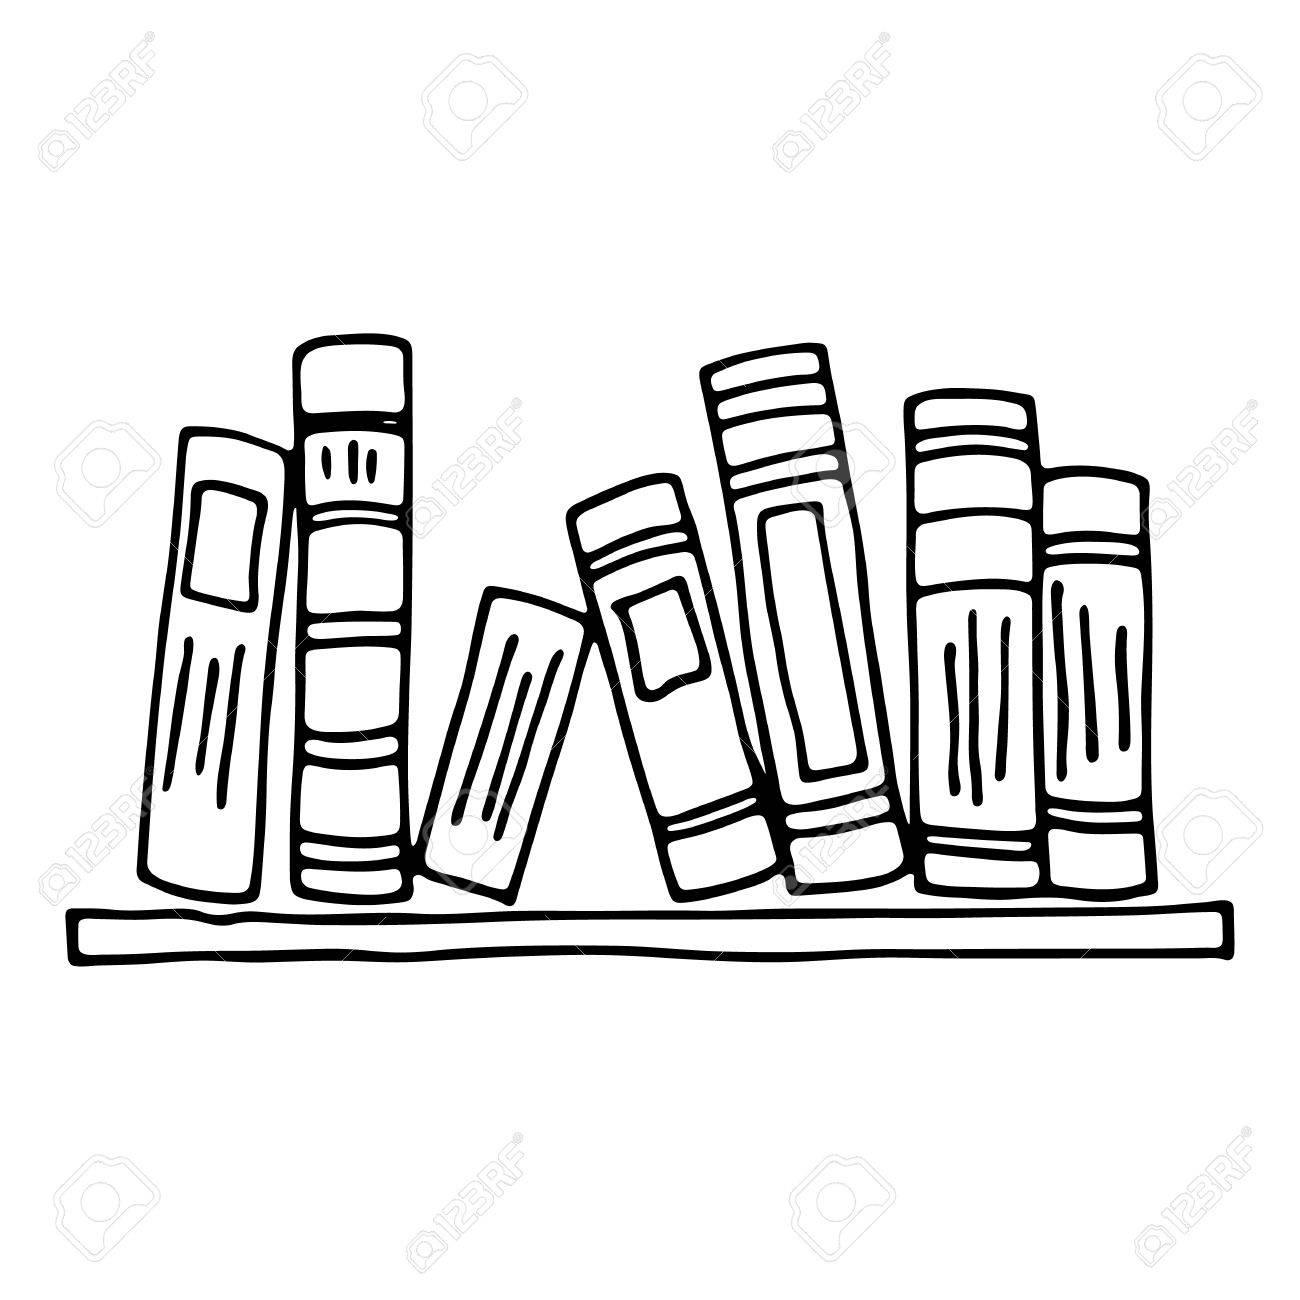 livres sur le plateau isol sur fond blanc clip art libres de droits rh fr 123rf com clipart plateau fruits de mer plateau clipart